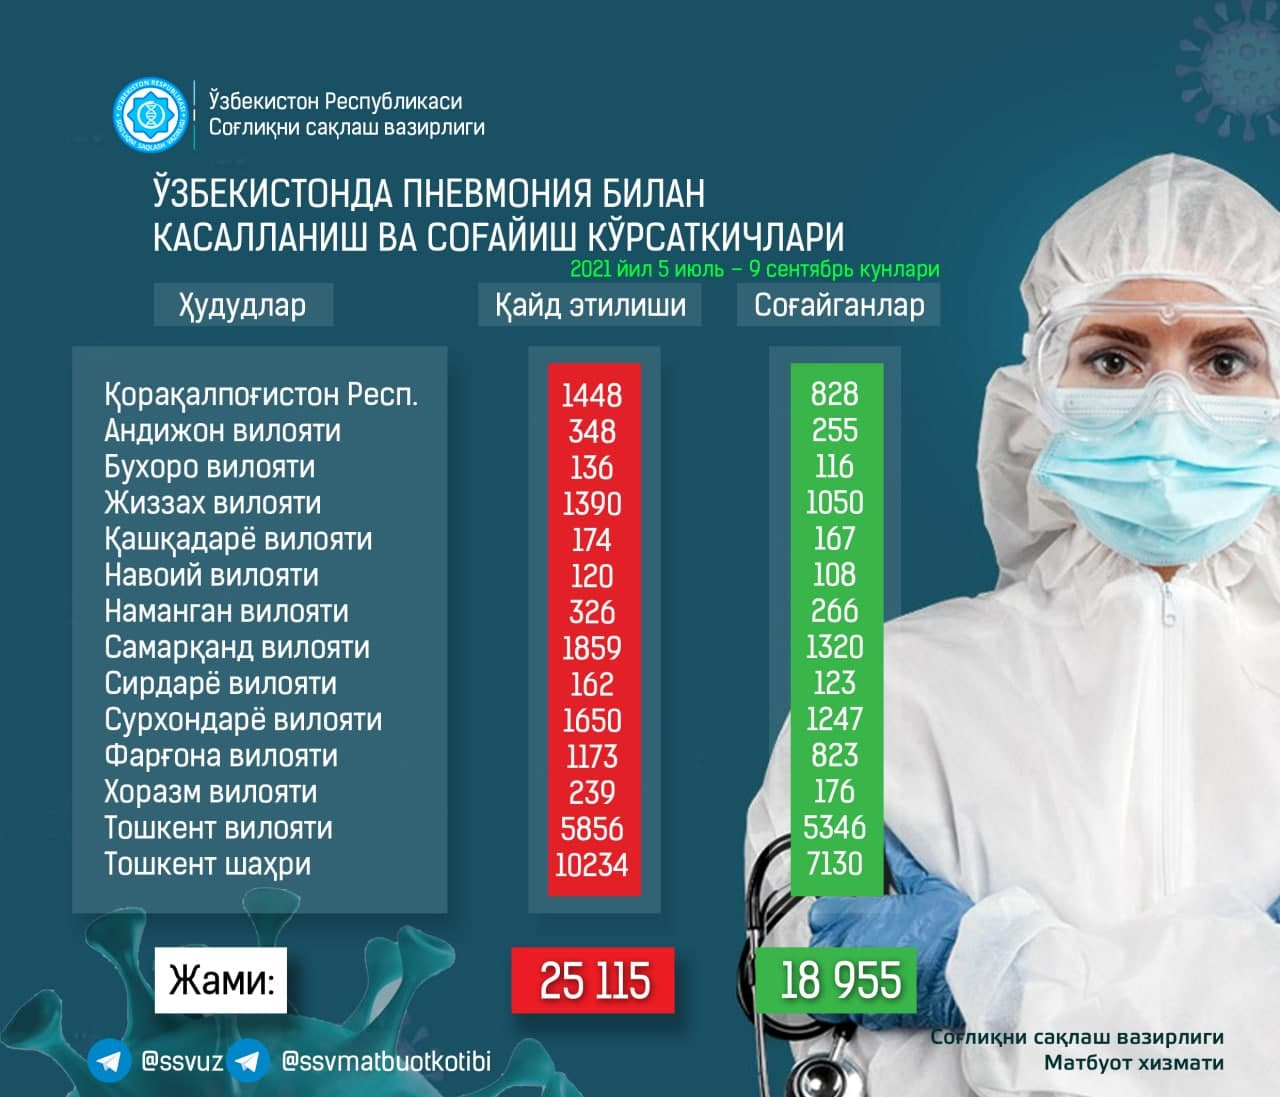 За сутки от пневмонии излечились более 300 человек — статистика